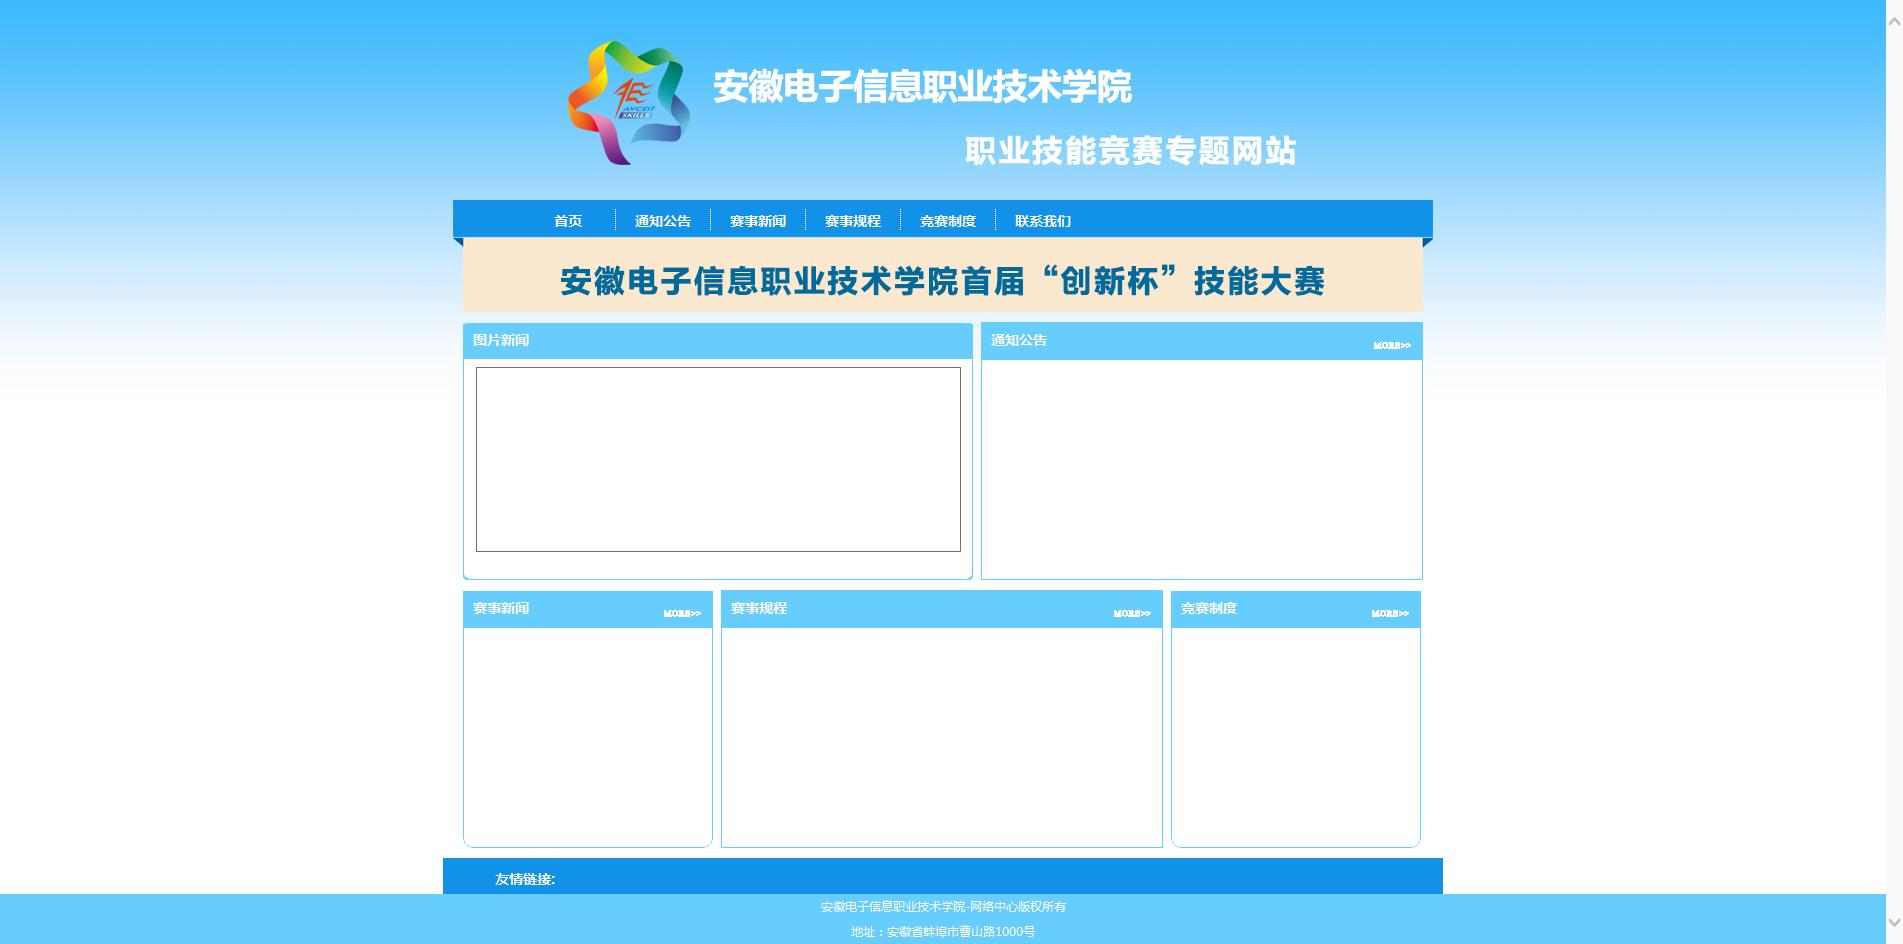 安徽电子信息职业技术学院-职业技能竞赛专题网站